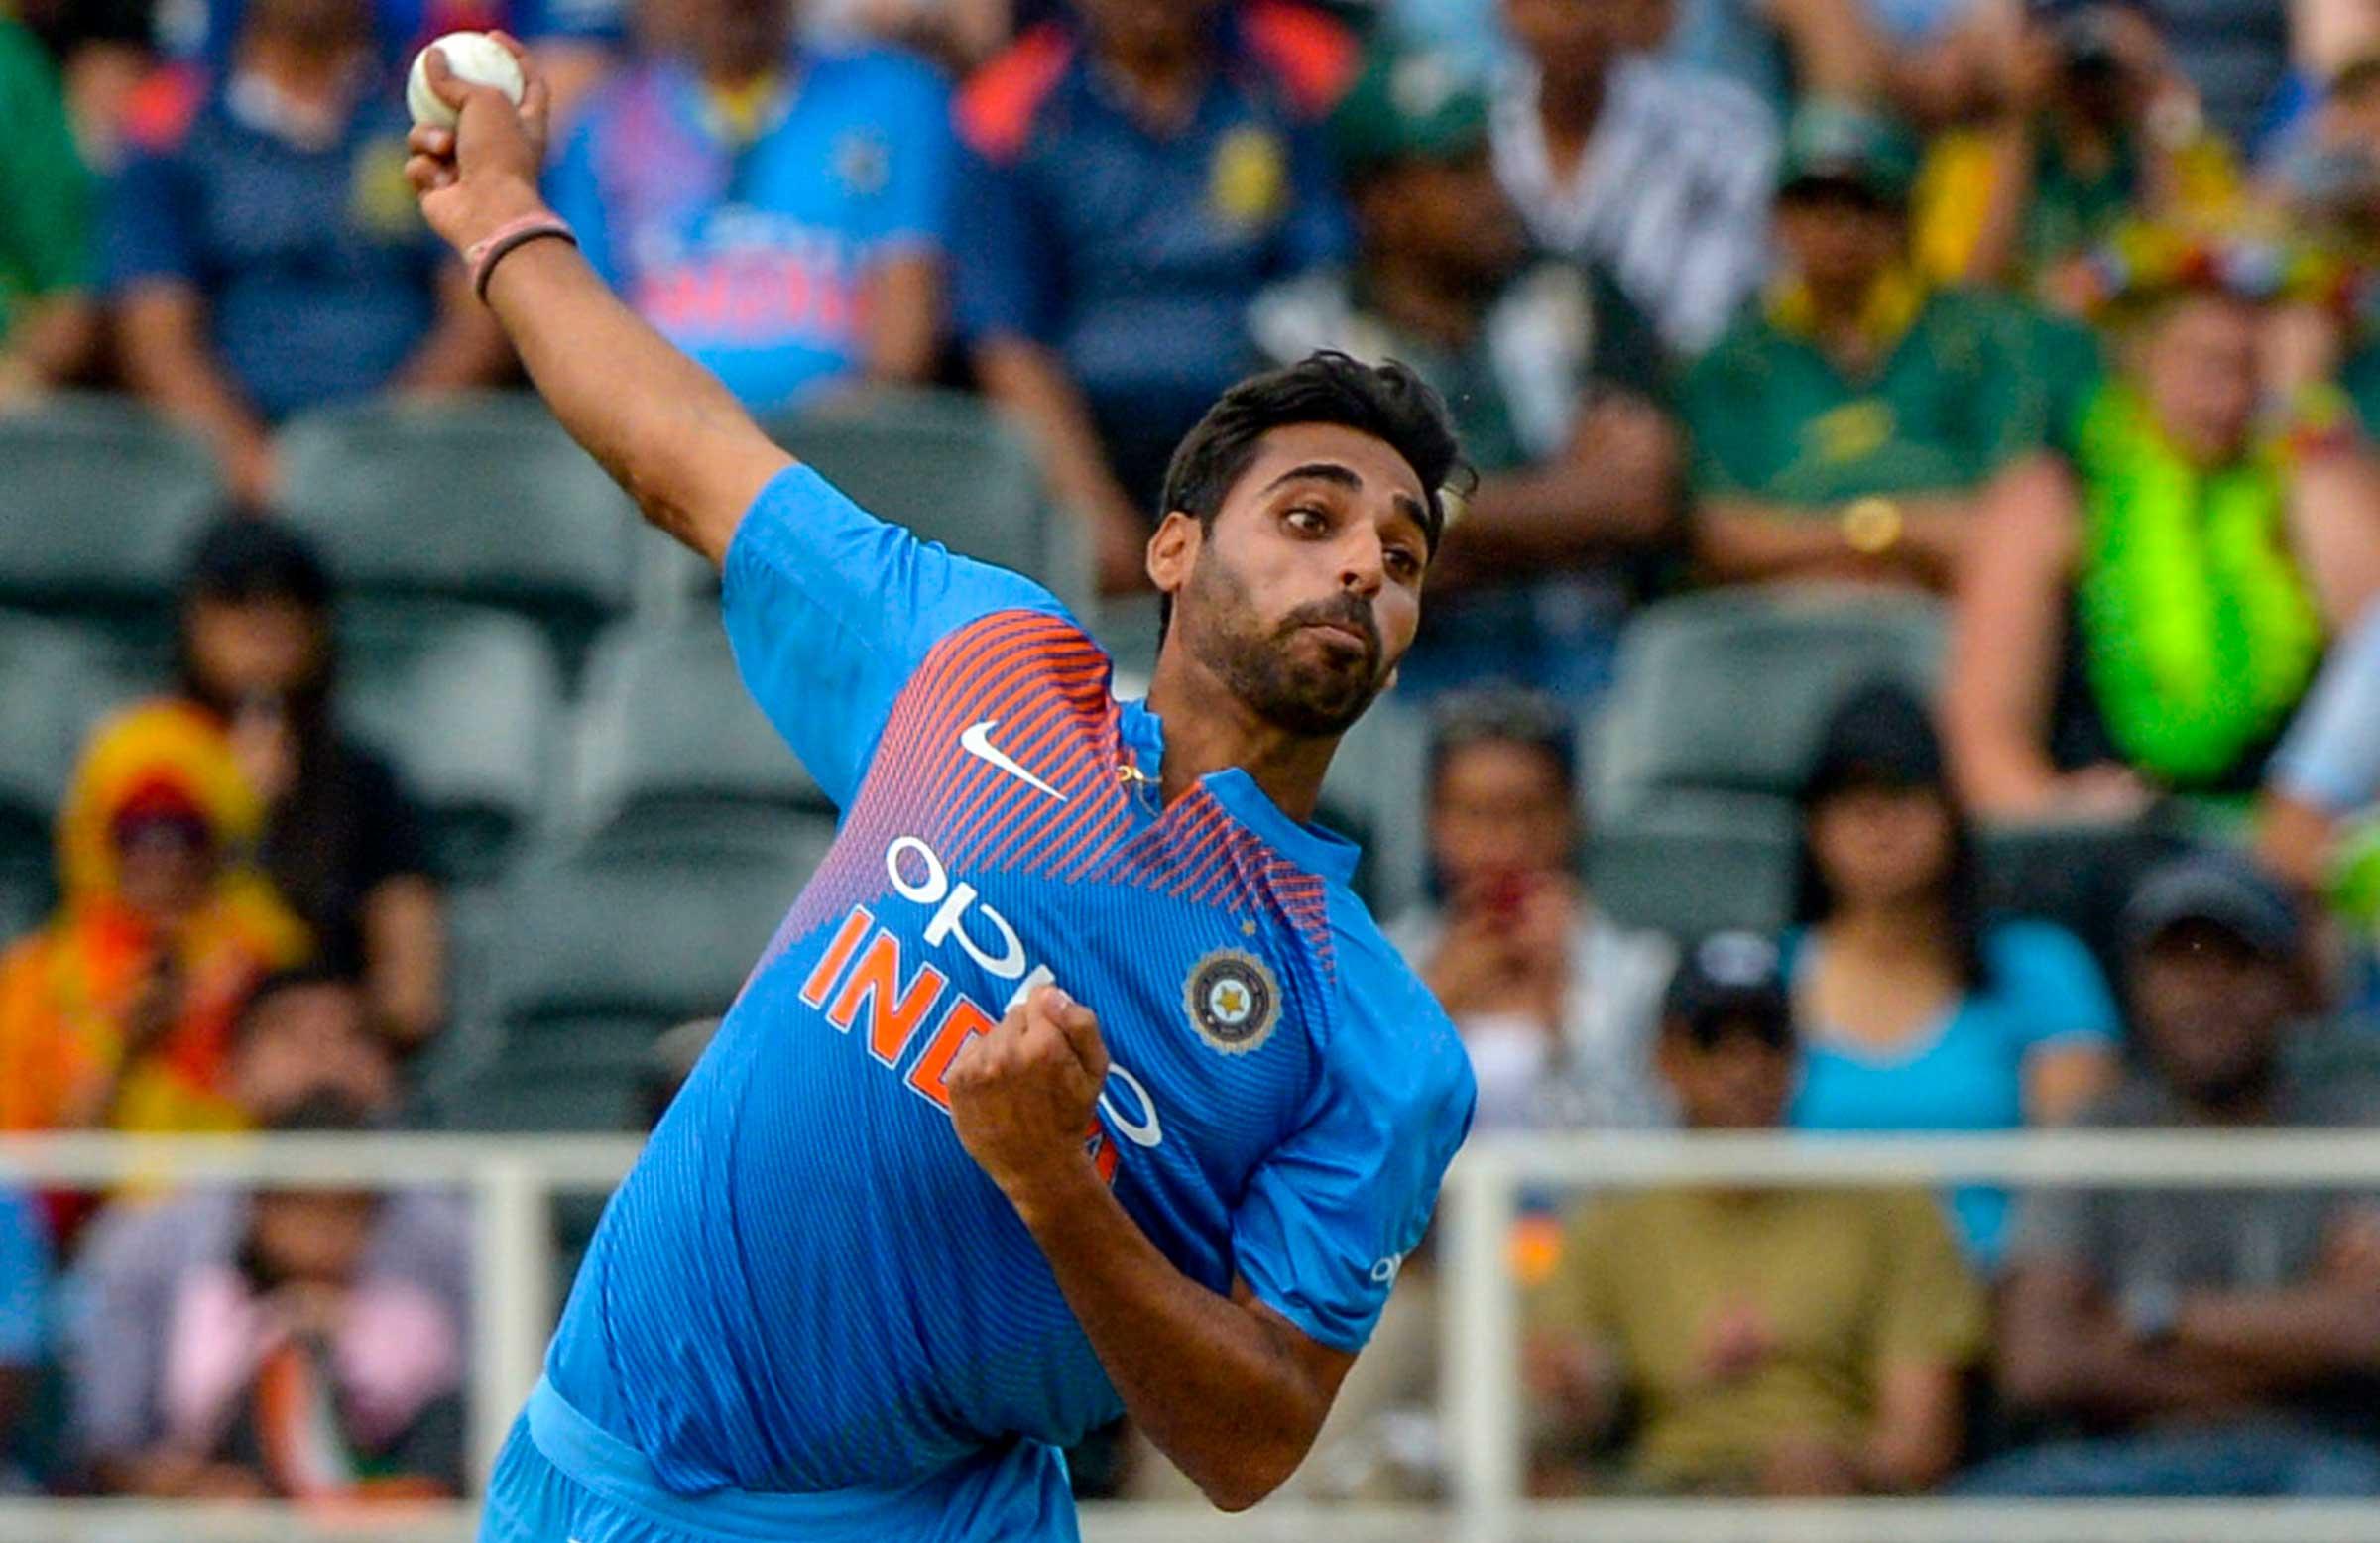 REPORTS: शुभमन गिल और करुण नायर को मिल सकता है टीम इंडिया में मौका, भुवनेश्वर करेंगे आराम 6